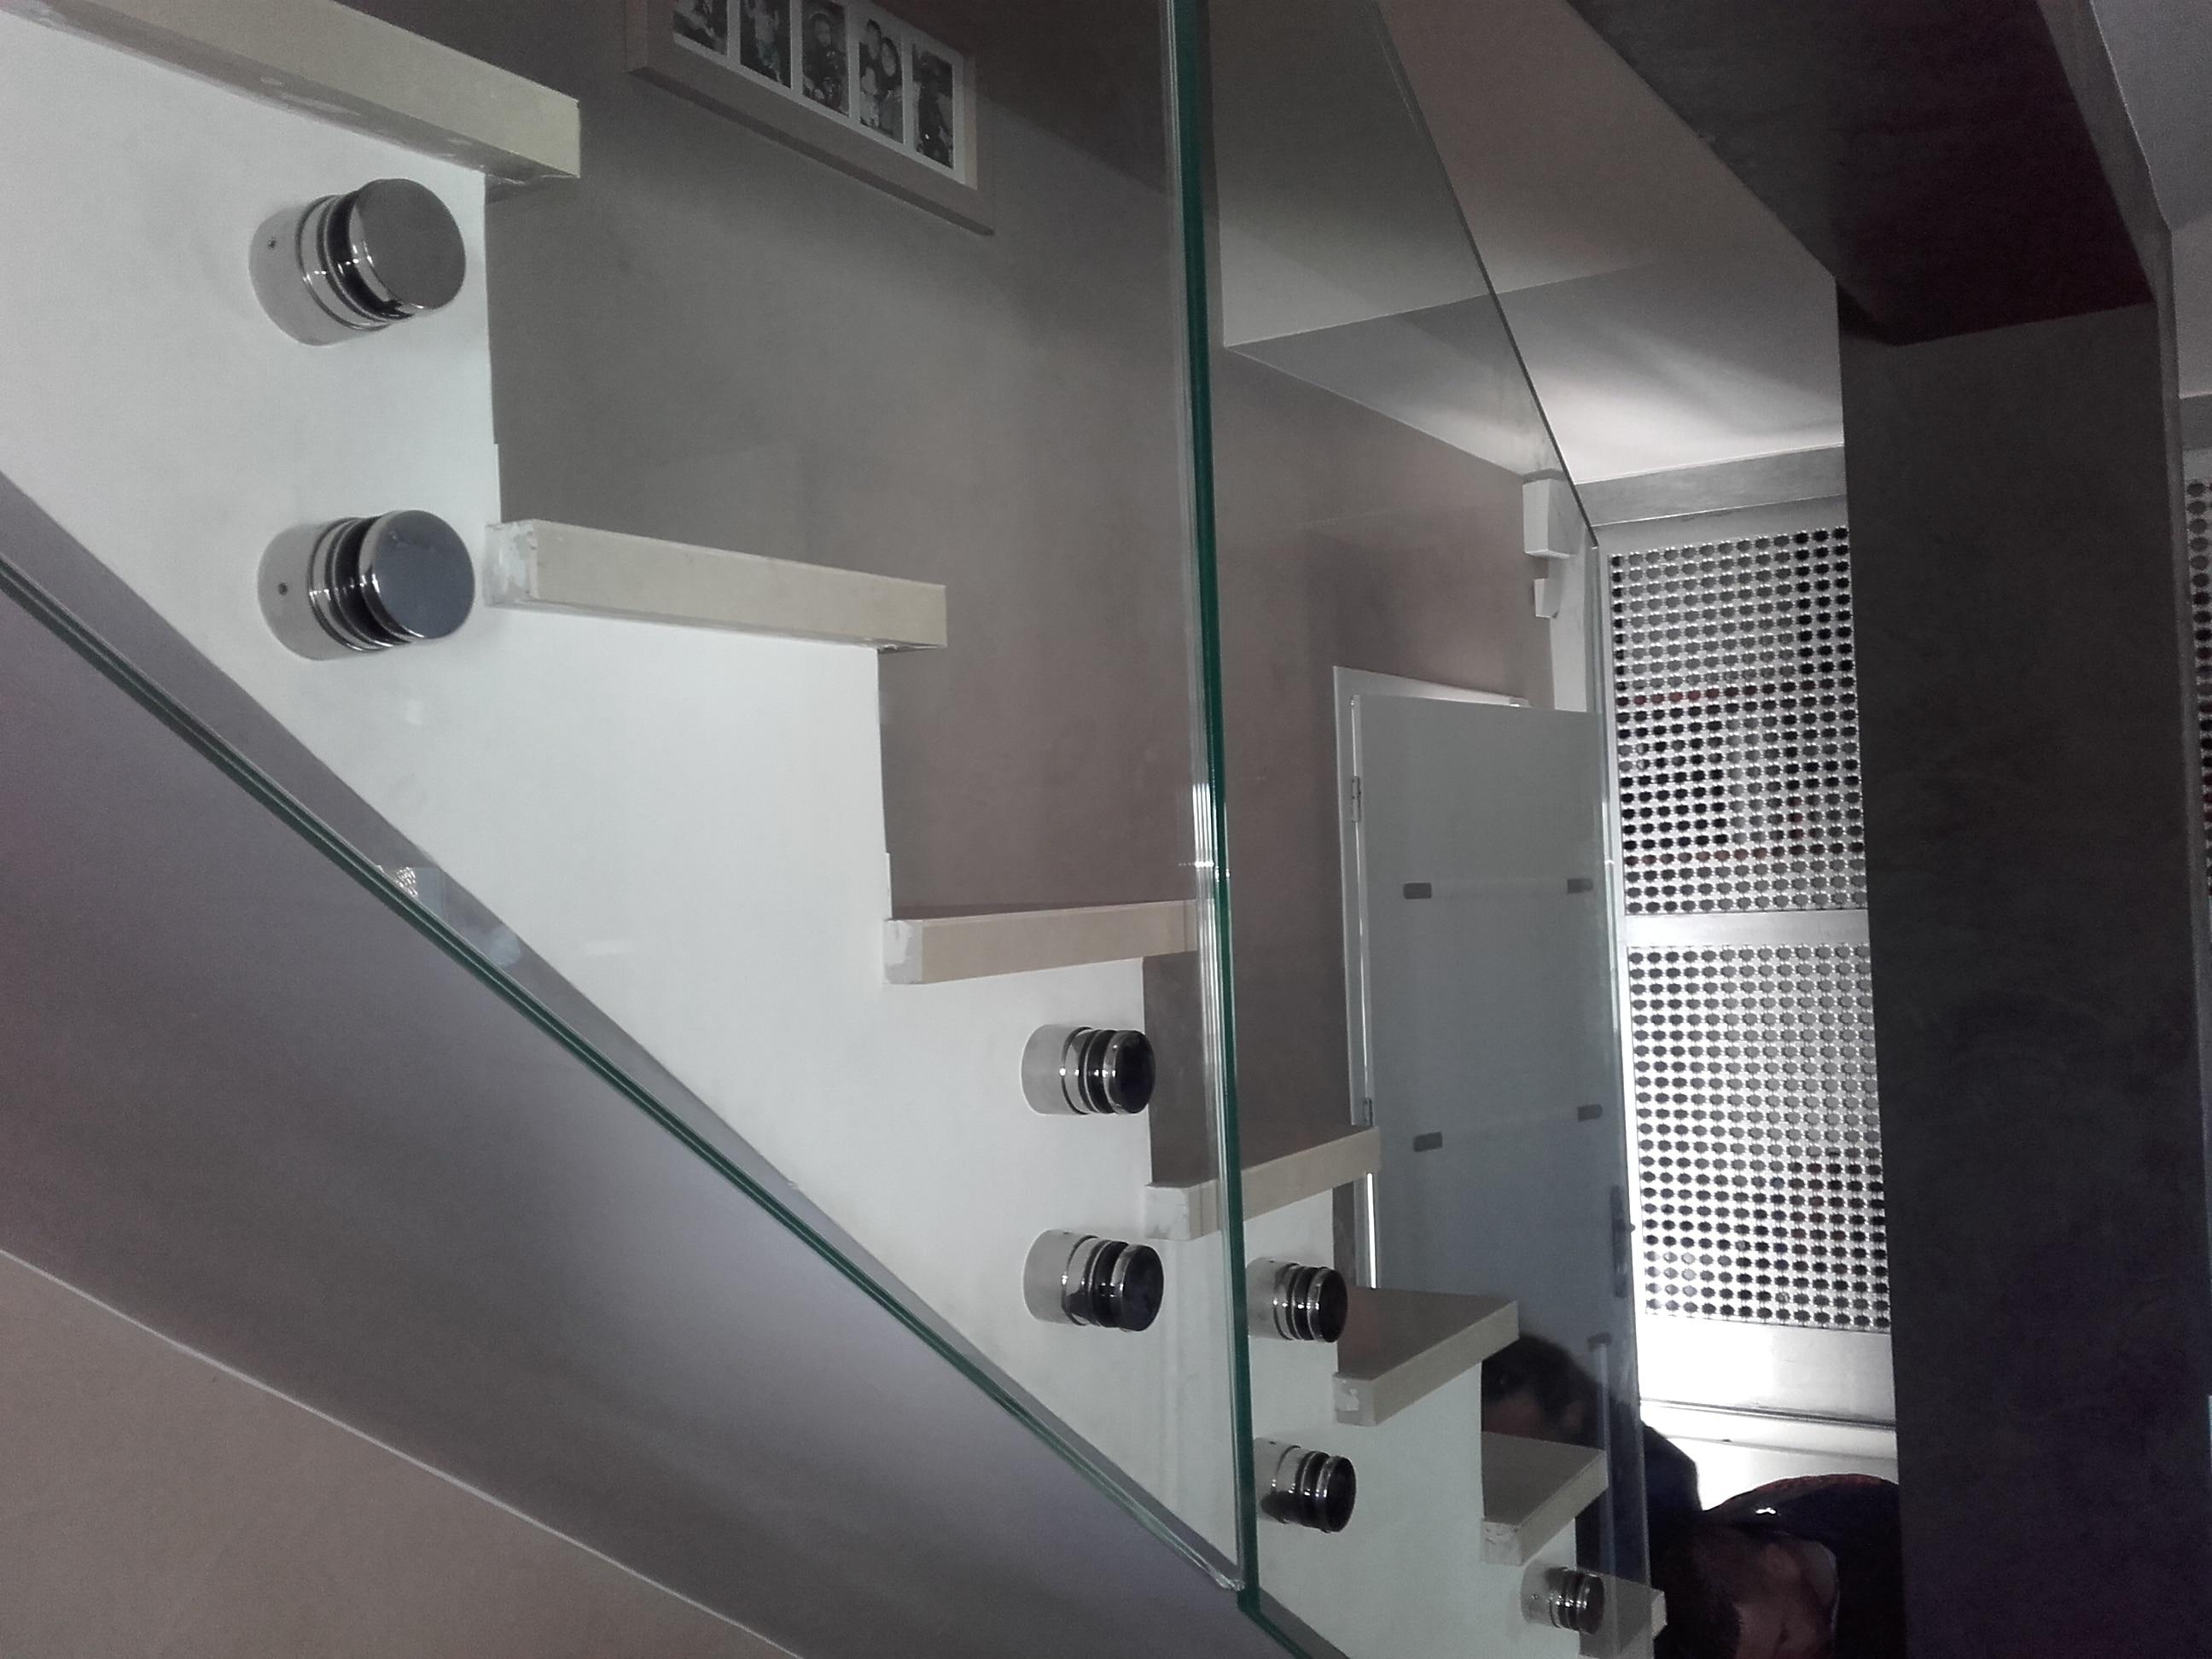 garde corps en verre avec fixation par points miroiterie singuli re. Black Bedroom Furniture Sets. Home Design Ideas